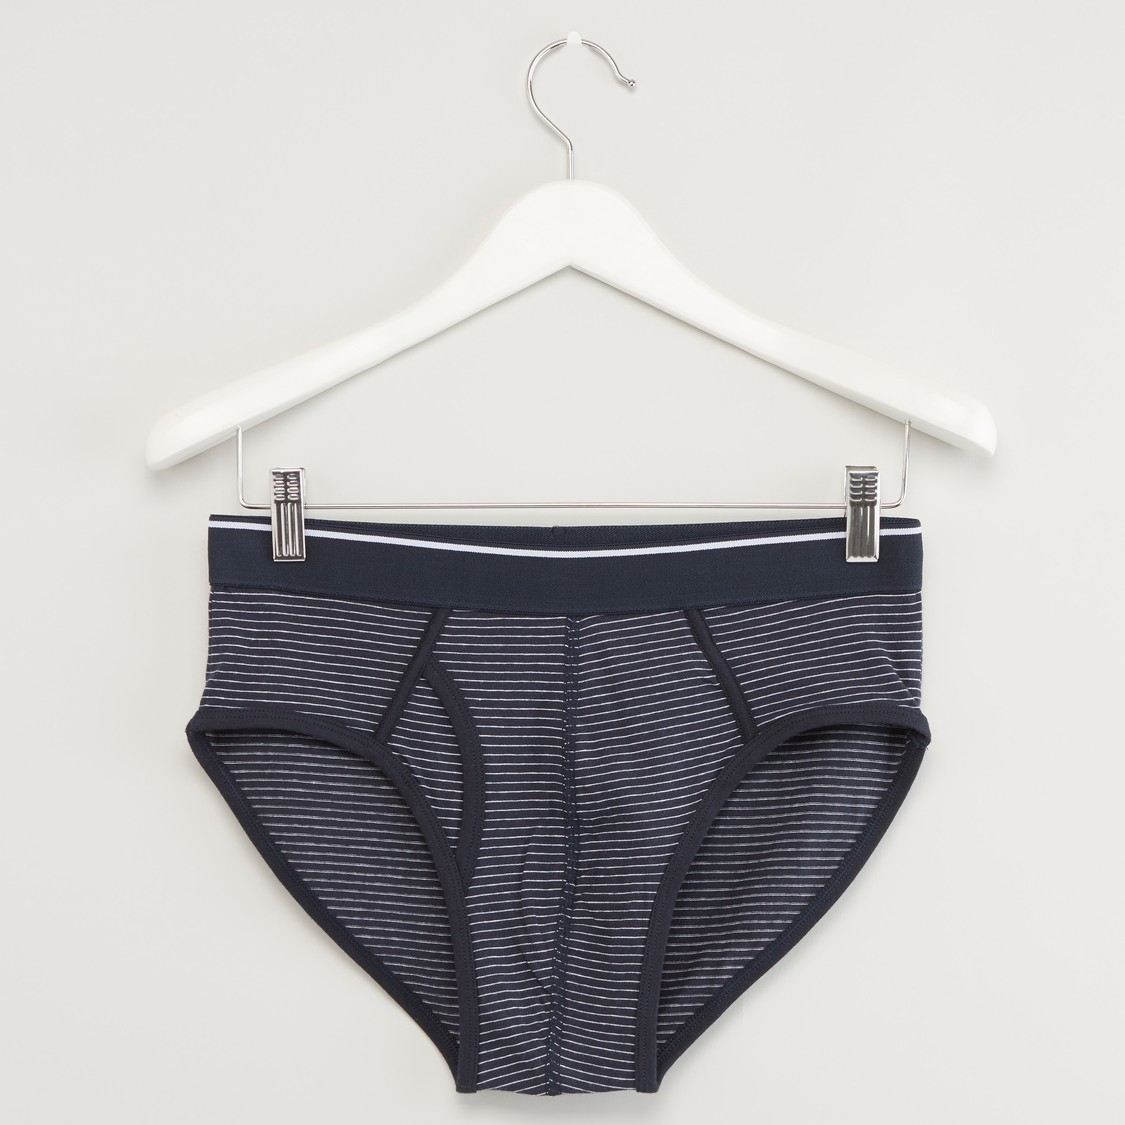 ملابس داخلية متنوعة - طقم من 3 قطع